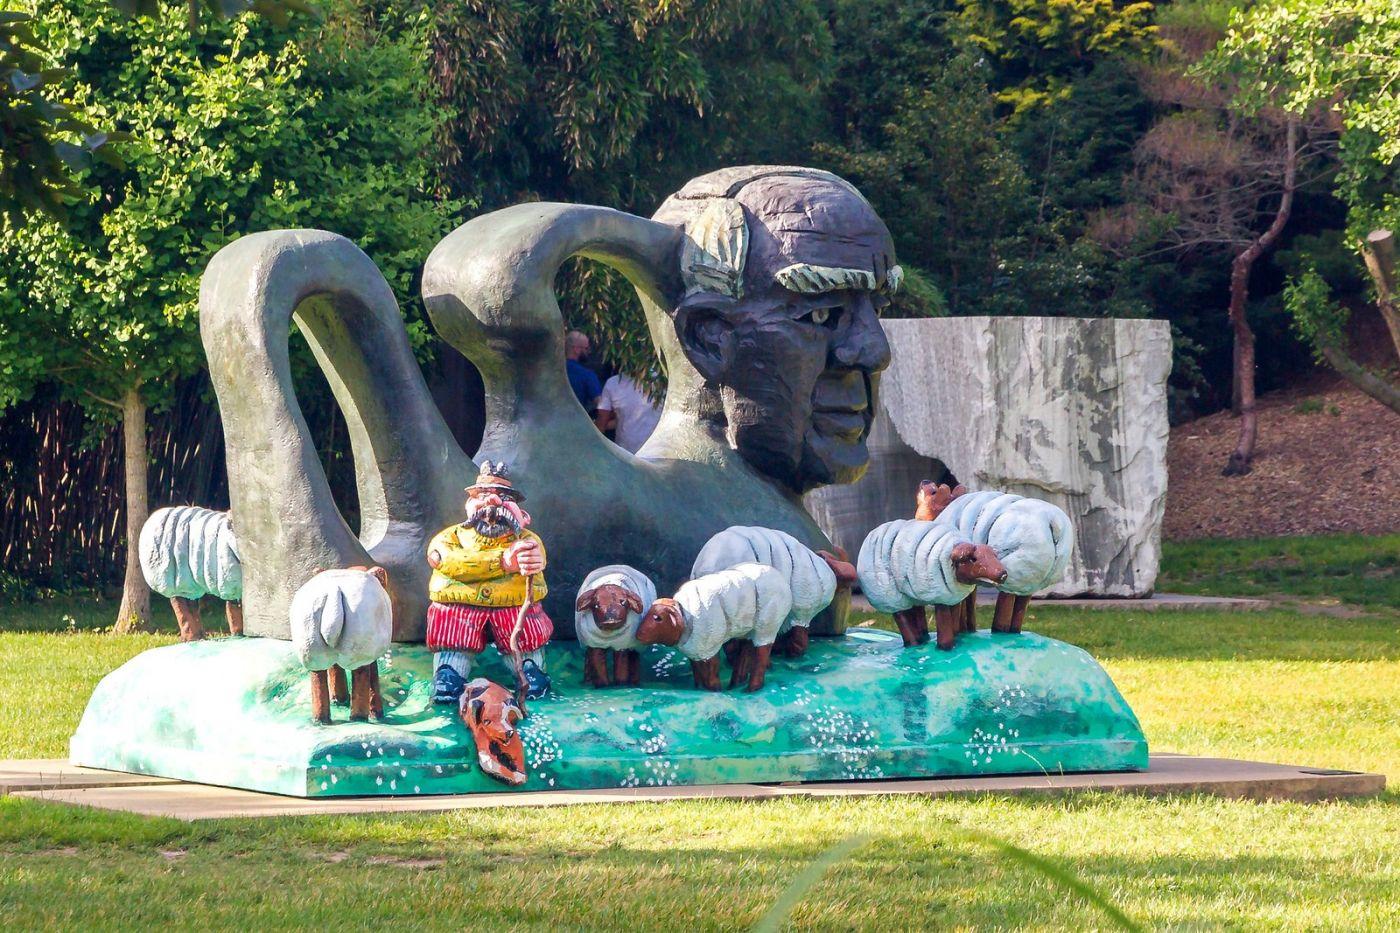 新泽西州雕塑公园(Grounds for scuplture),题材很广_图1-13